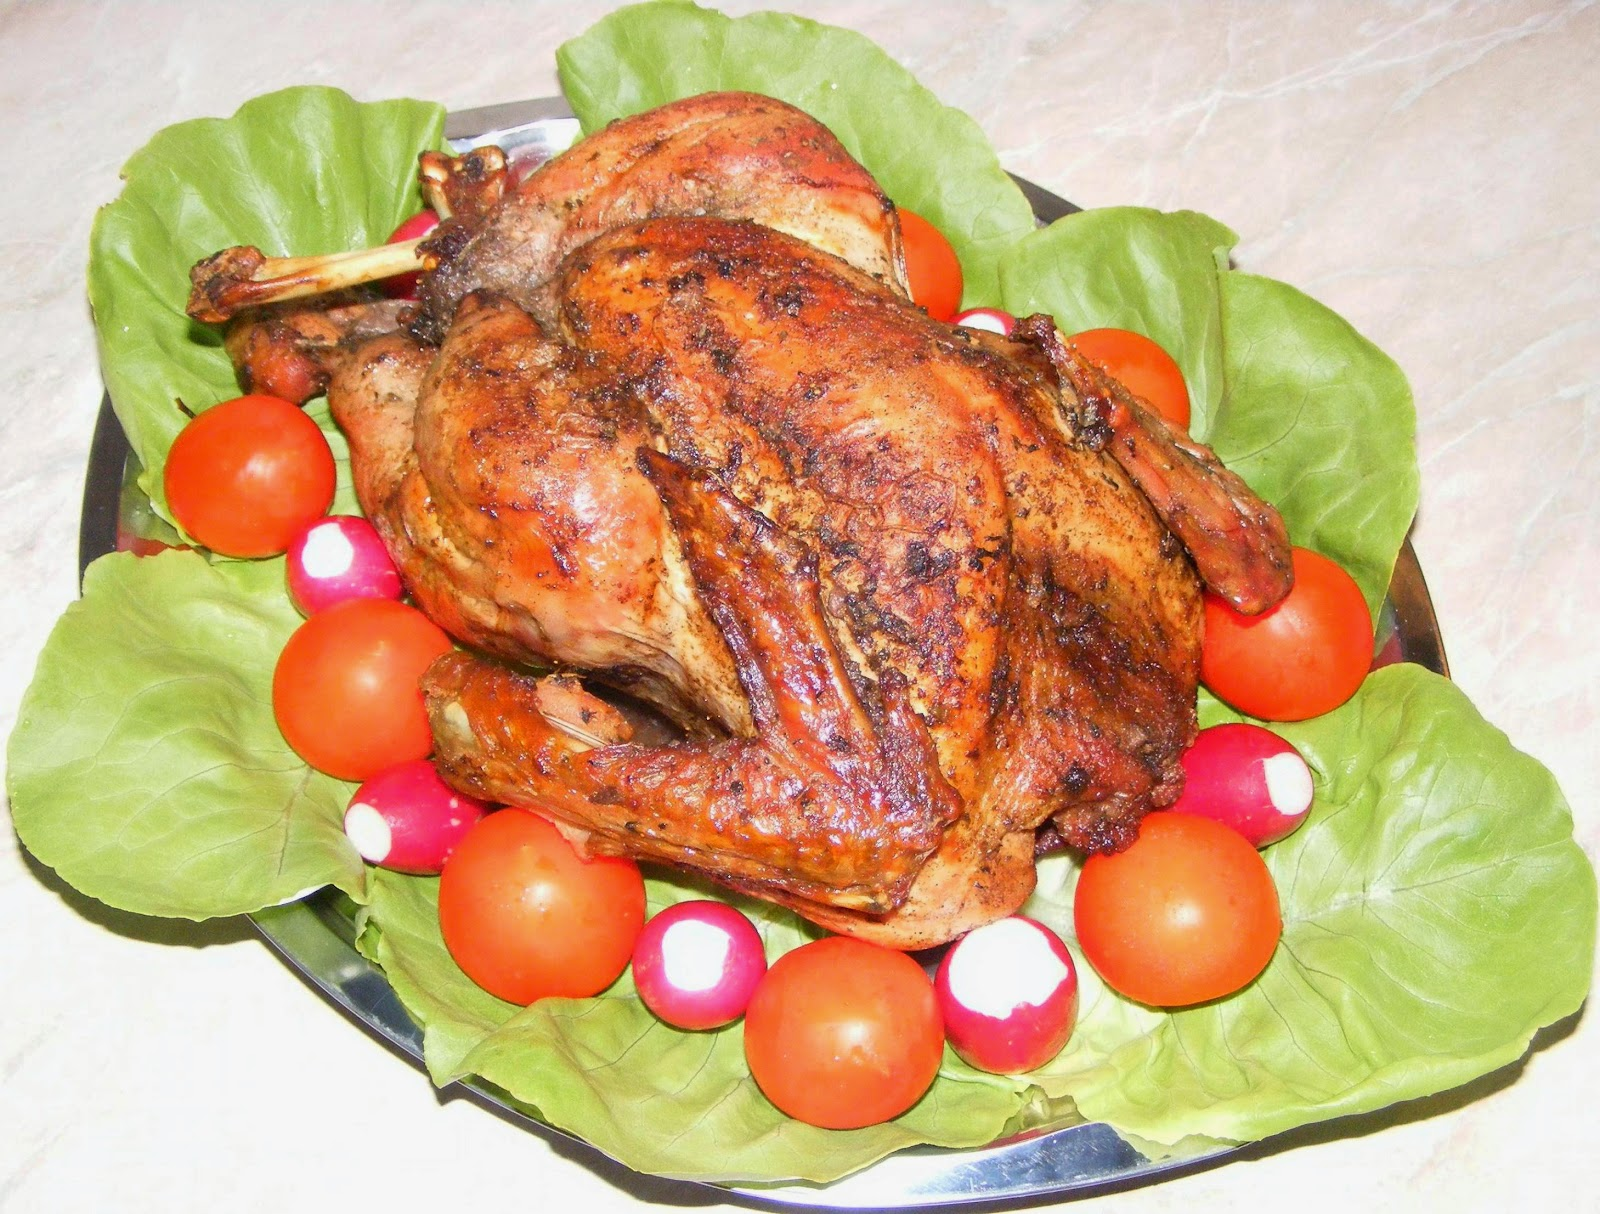 curcan la cuptor, friptura de curcan, curcan umplut la cuptor, curcan cu legume, retete cu curcan, retete de craciun, retete de paste, retete si preparate culinare cu carne de curcan, retete pentru mese festive, retete de mancare, mancaruri cu carne, preparate din curcan,